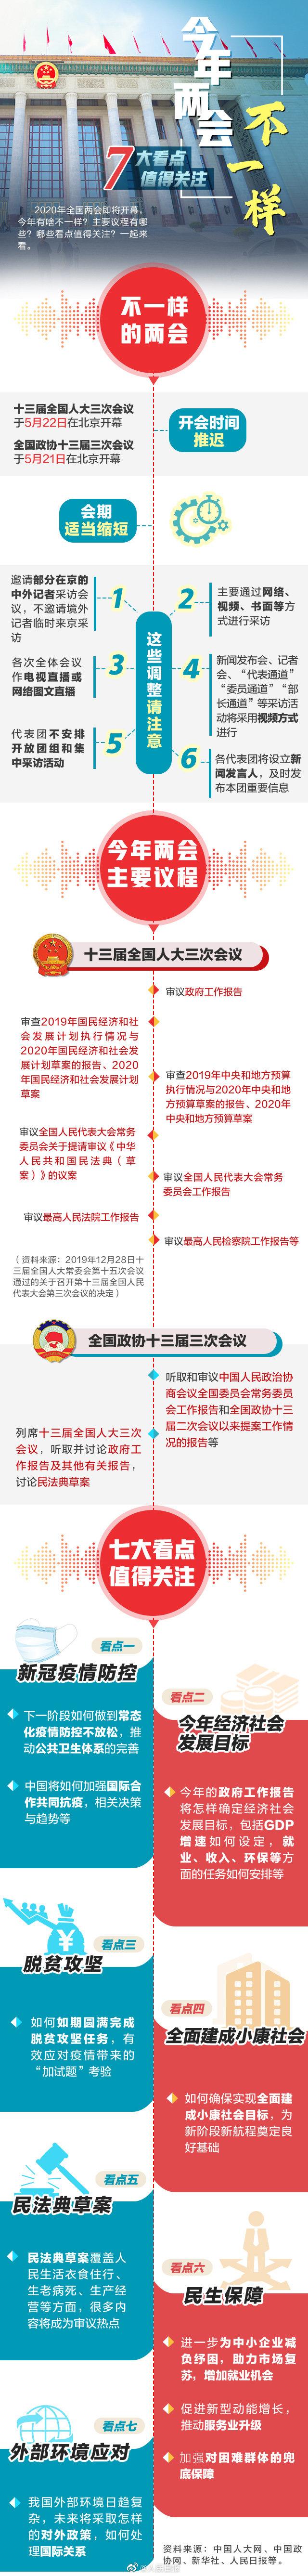 摩鑫app:两会即将摩鑫app开幕7大看图片